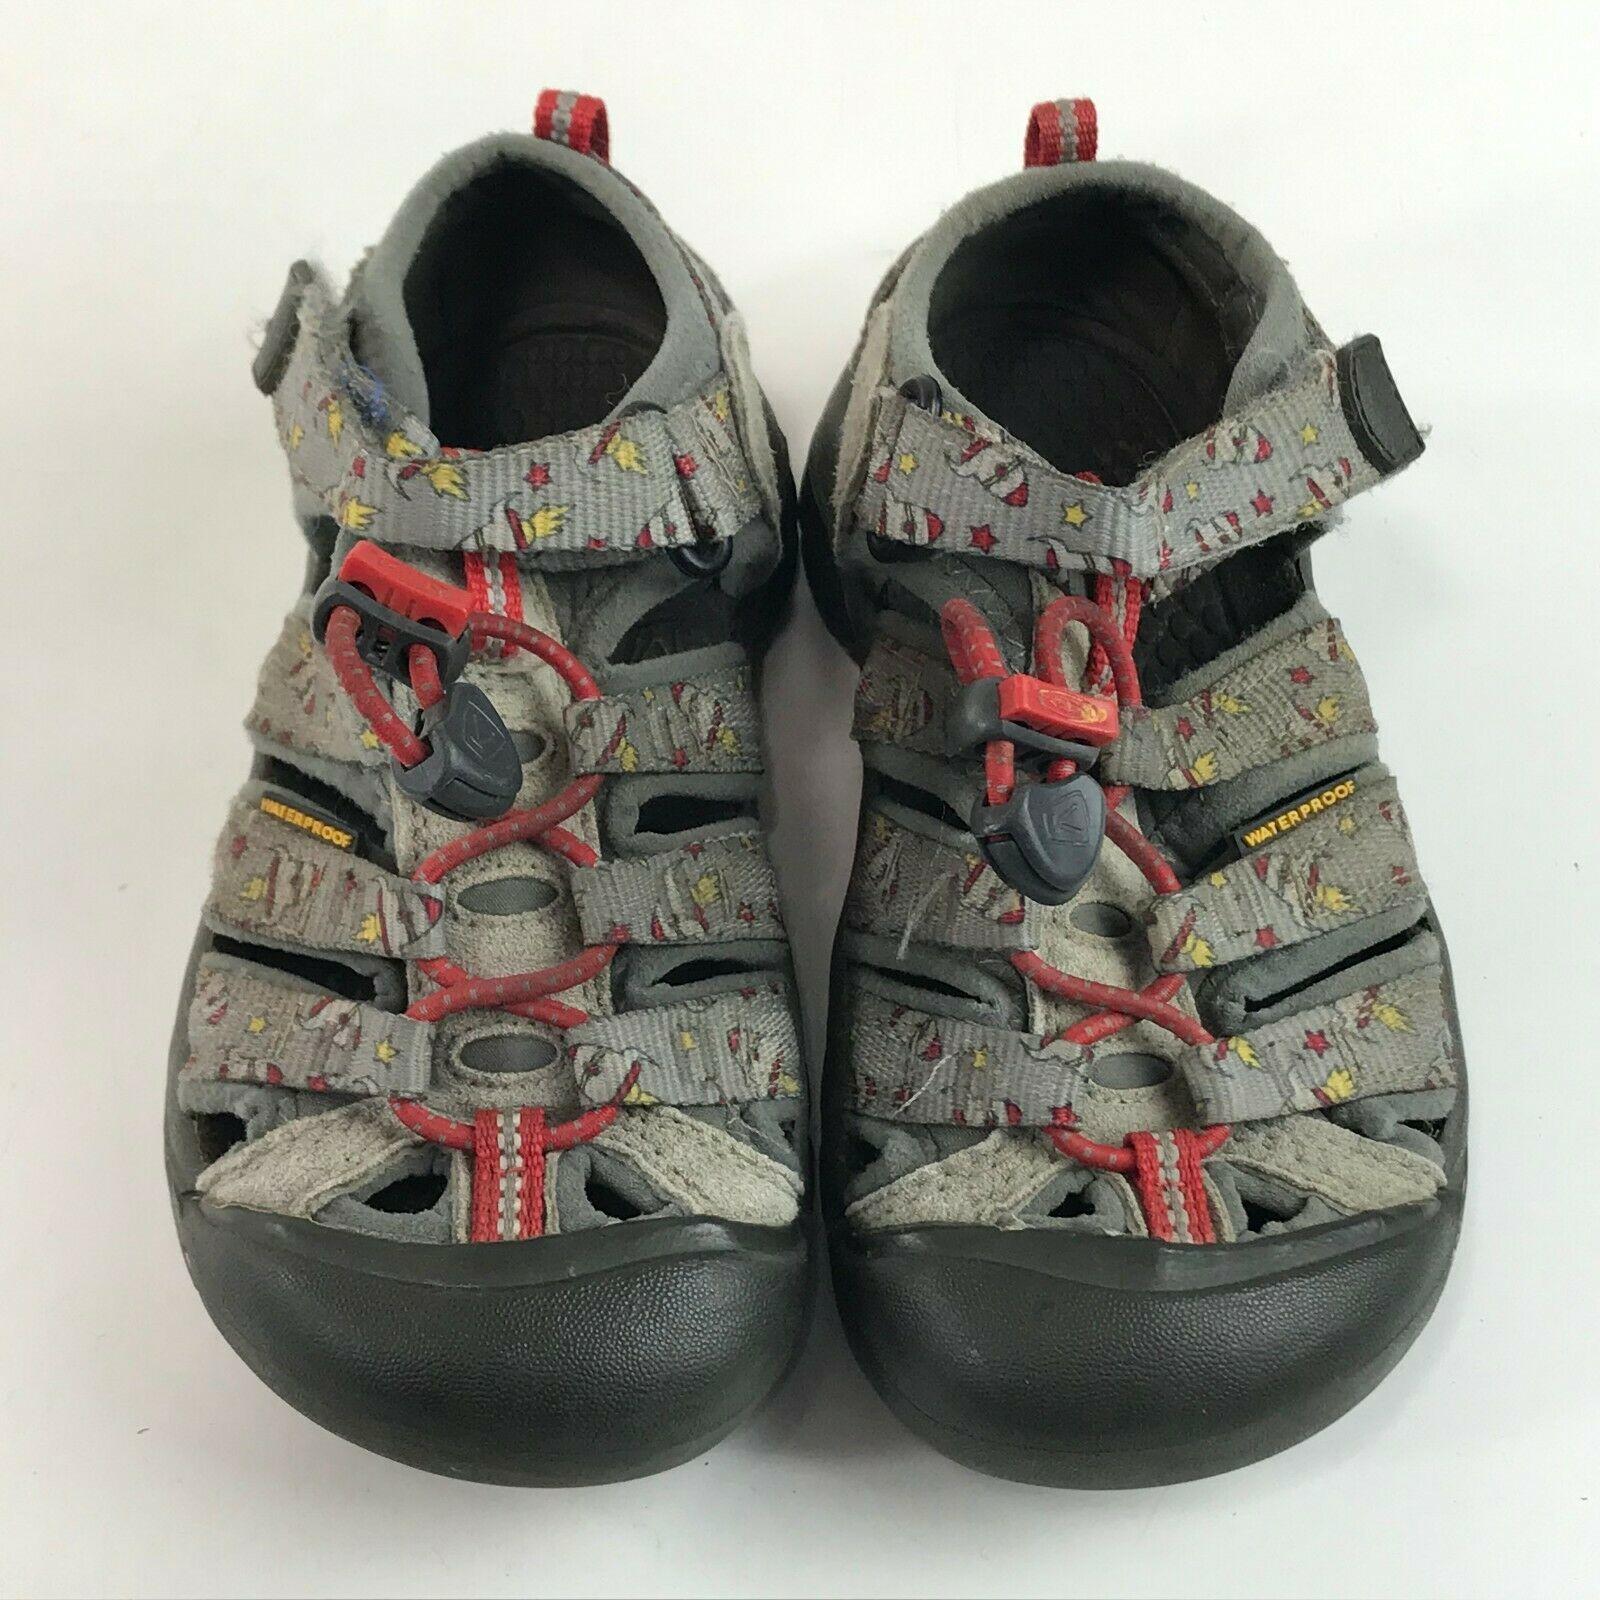 Keen Toddler Boy Girls Newport H2 Sandals Size 12 Gray Rockets Play Waterproof